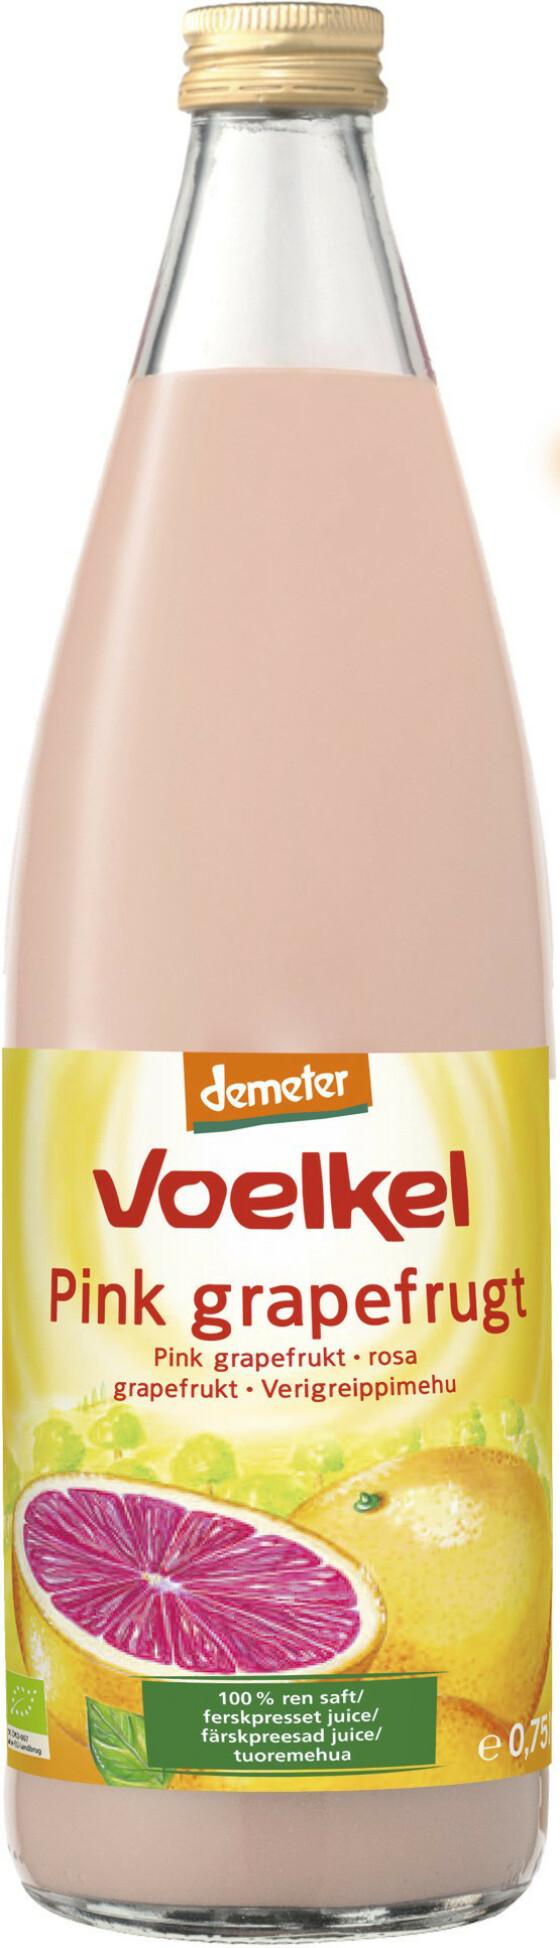 8 Grapefruktjuice (kr 70, Voelkel).